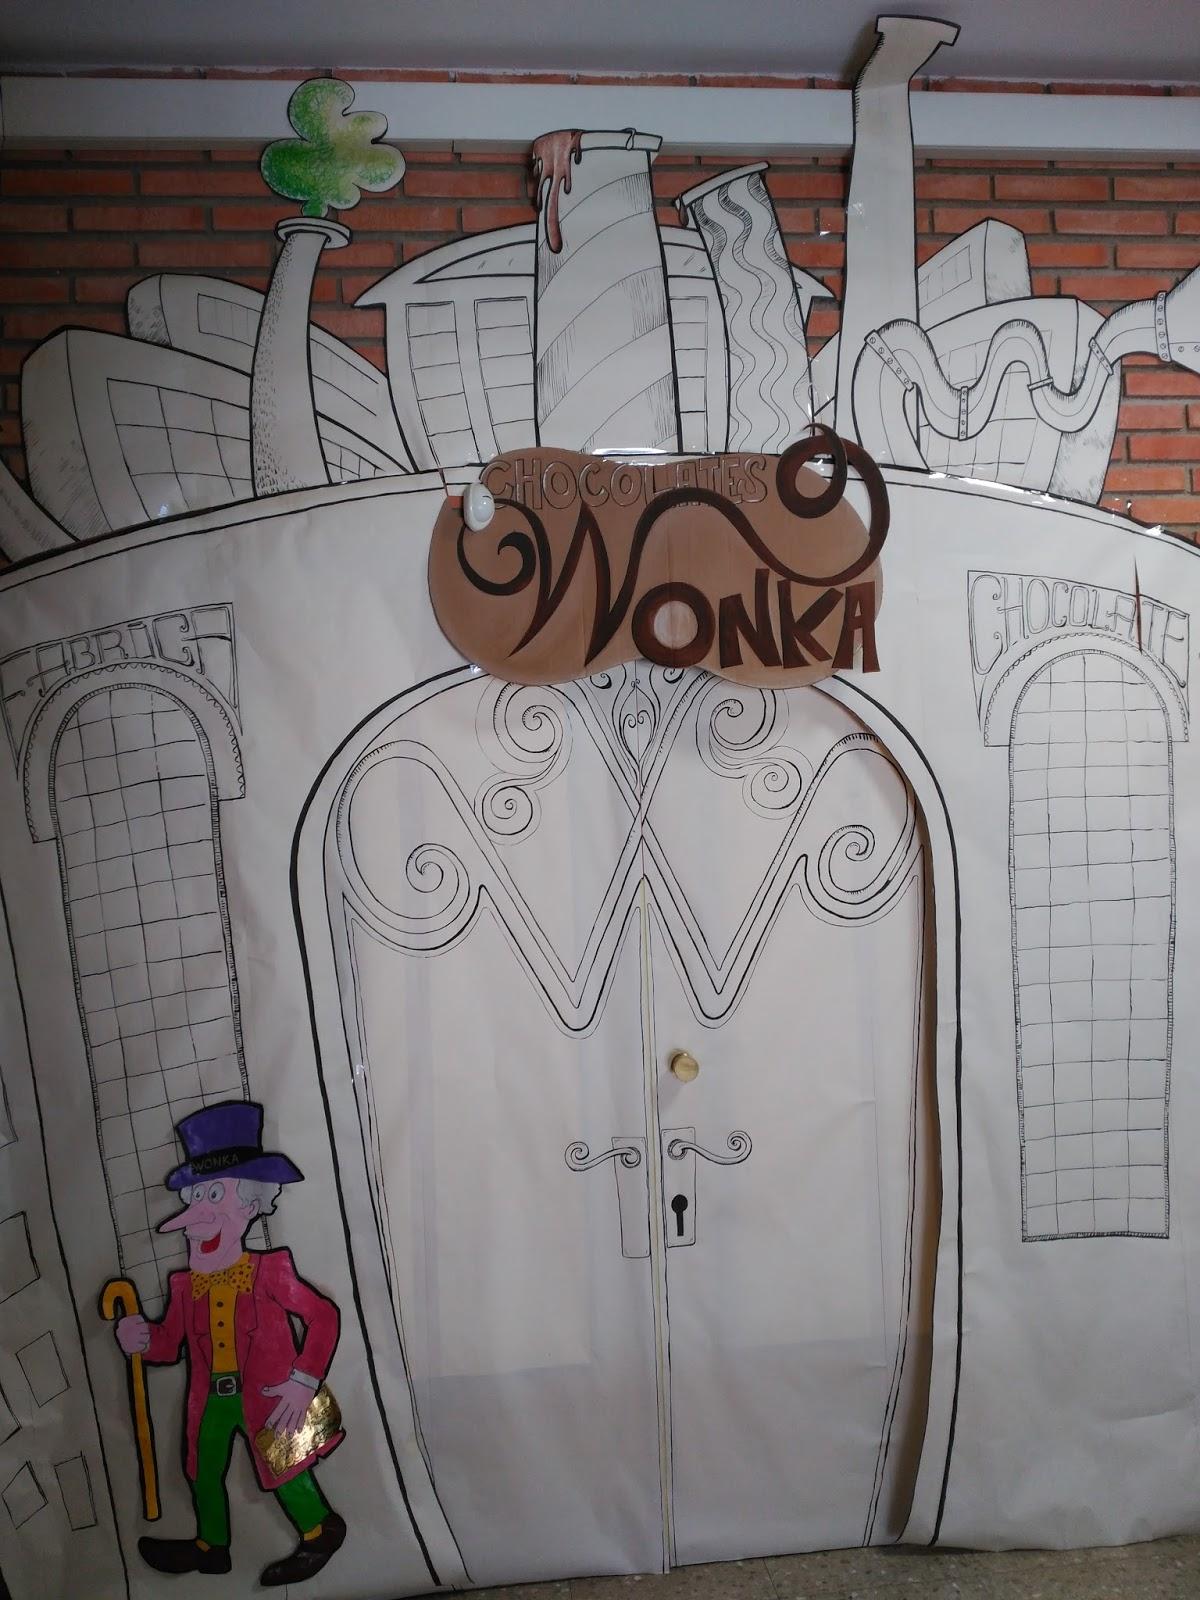 El aula suena la m sica de charlie y la f brica de for Puerta willy wonka